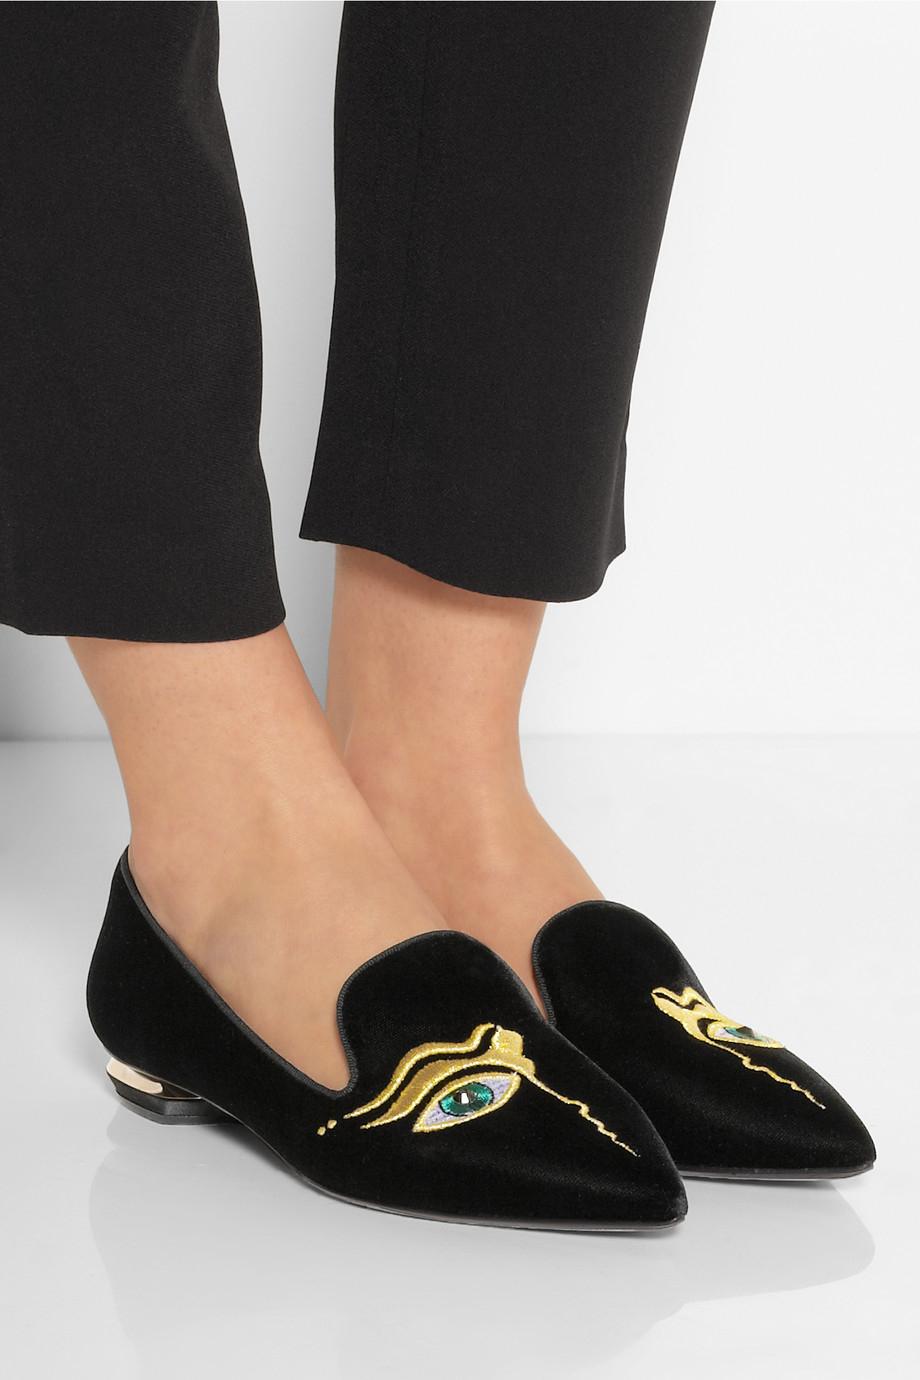 lyst nicholas kirkwood embroidered velvet point toe flats in black. Black Bedroom Furniture Sets. Home Design Ideas